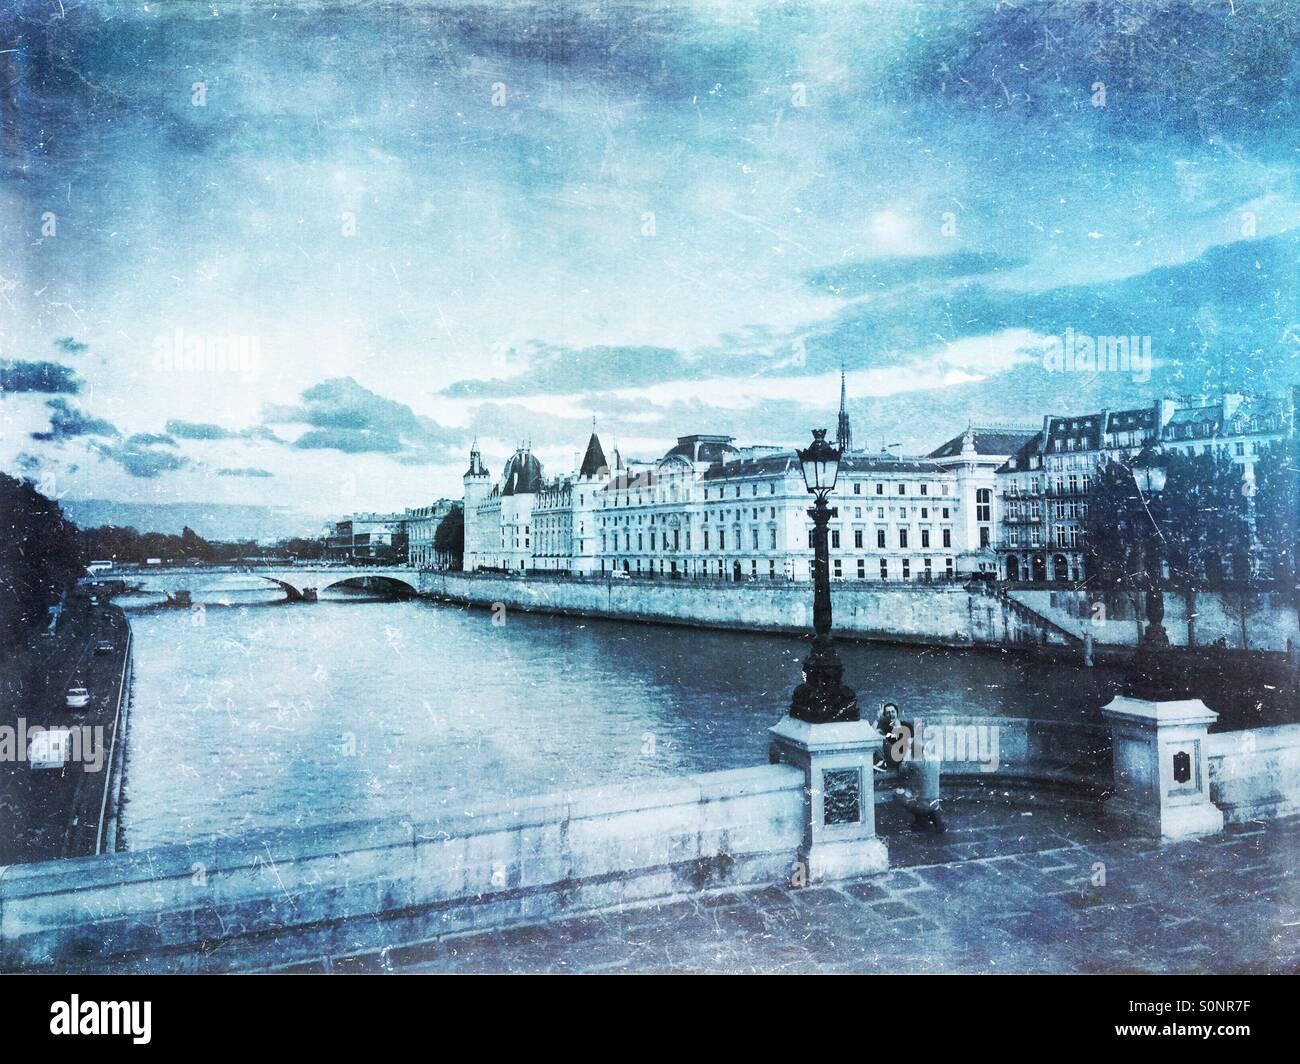 Vista de la Conciergerie en Ile de la Cite a través del río Sena en el Louvre Quay. Frosty, inspirados en invierno vintage Textura de papel superpuestas. Foto de stock